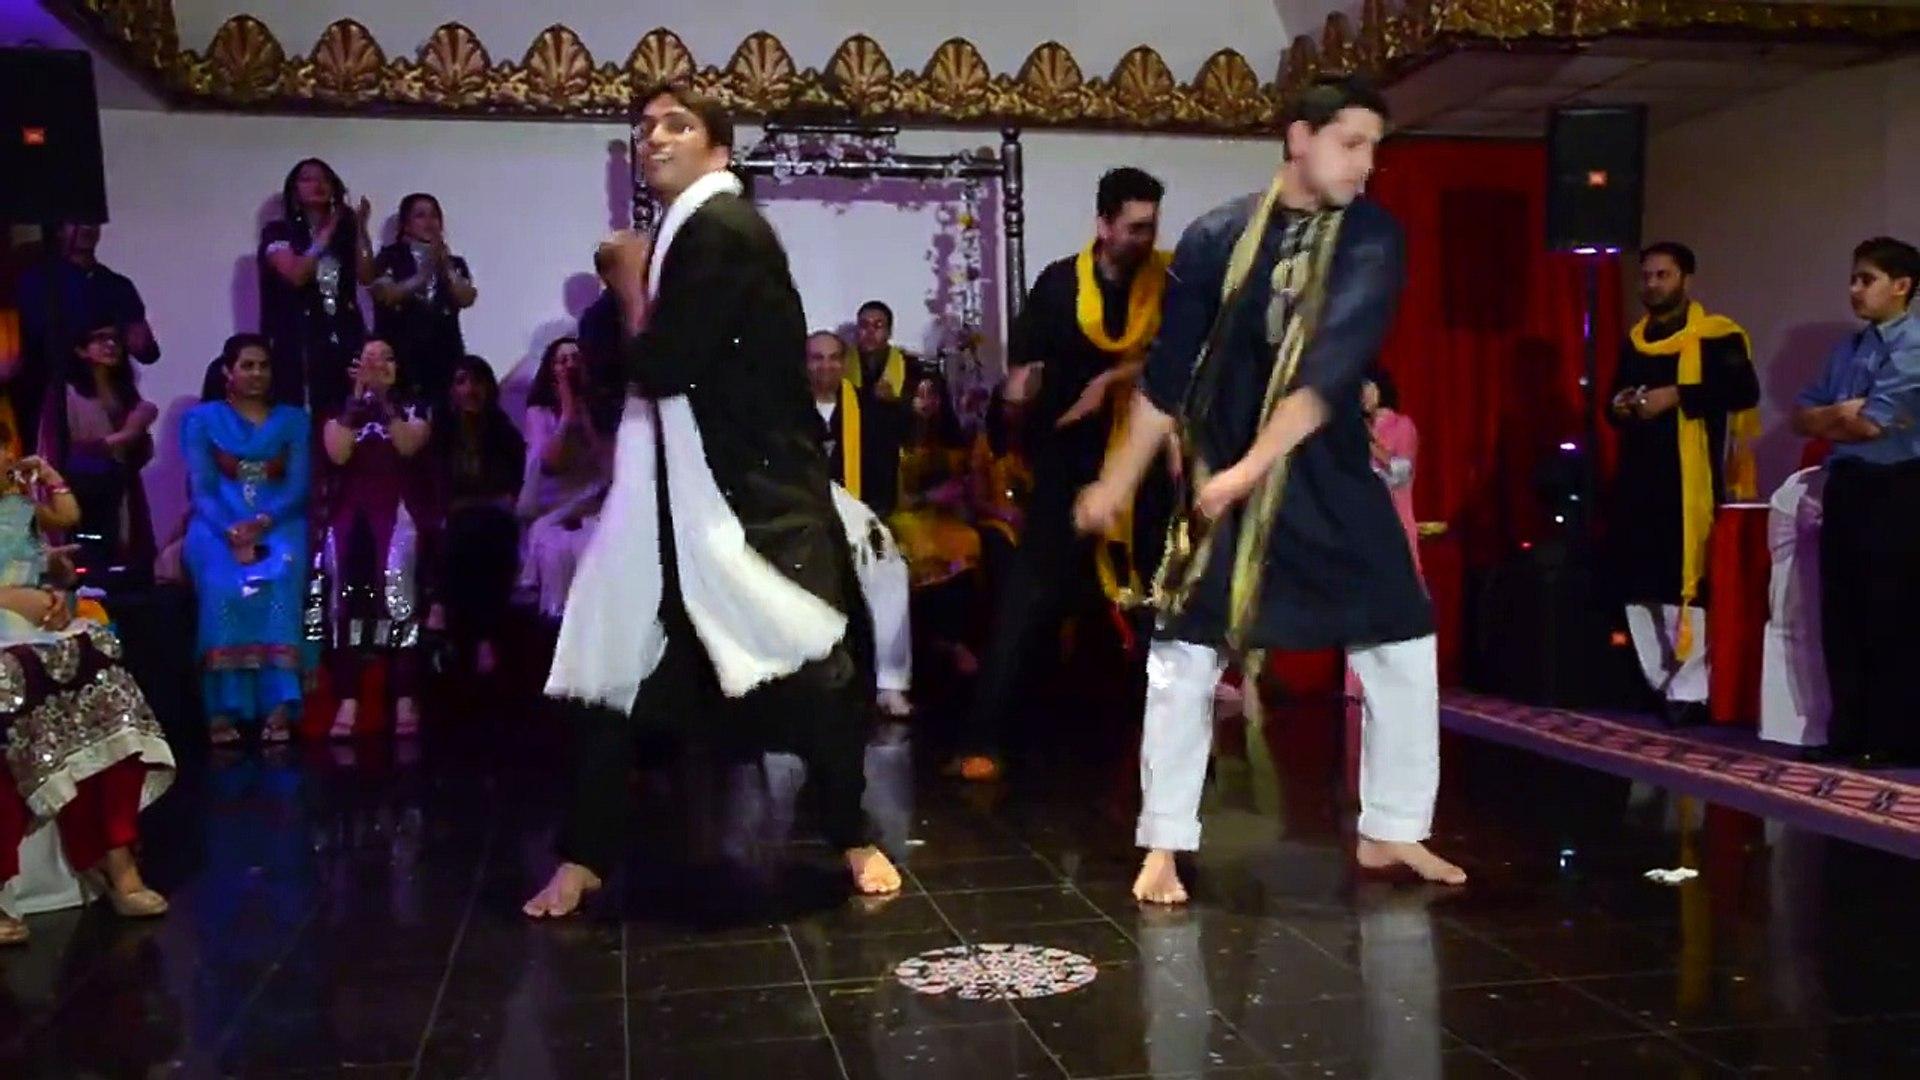 Outstanding Mehndi dance competition on song Angraigy Beet te